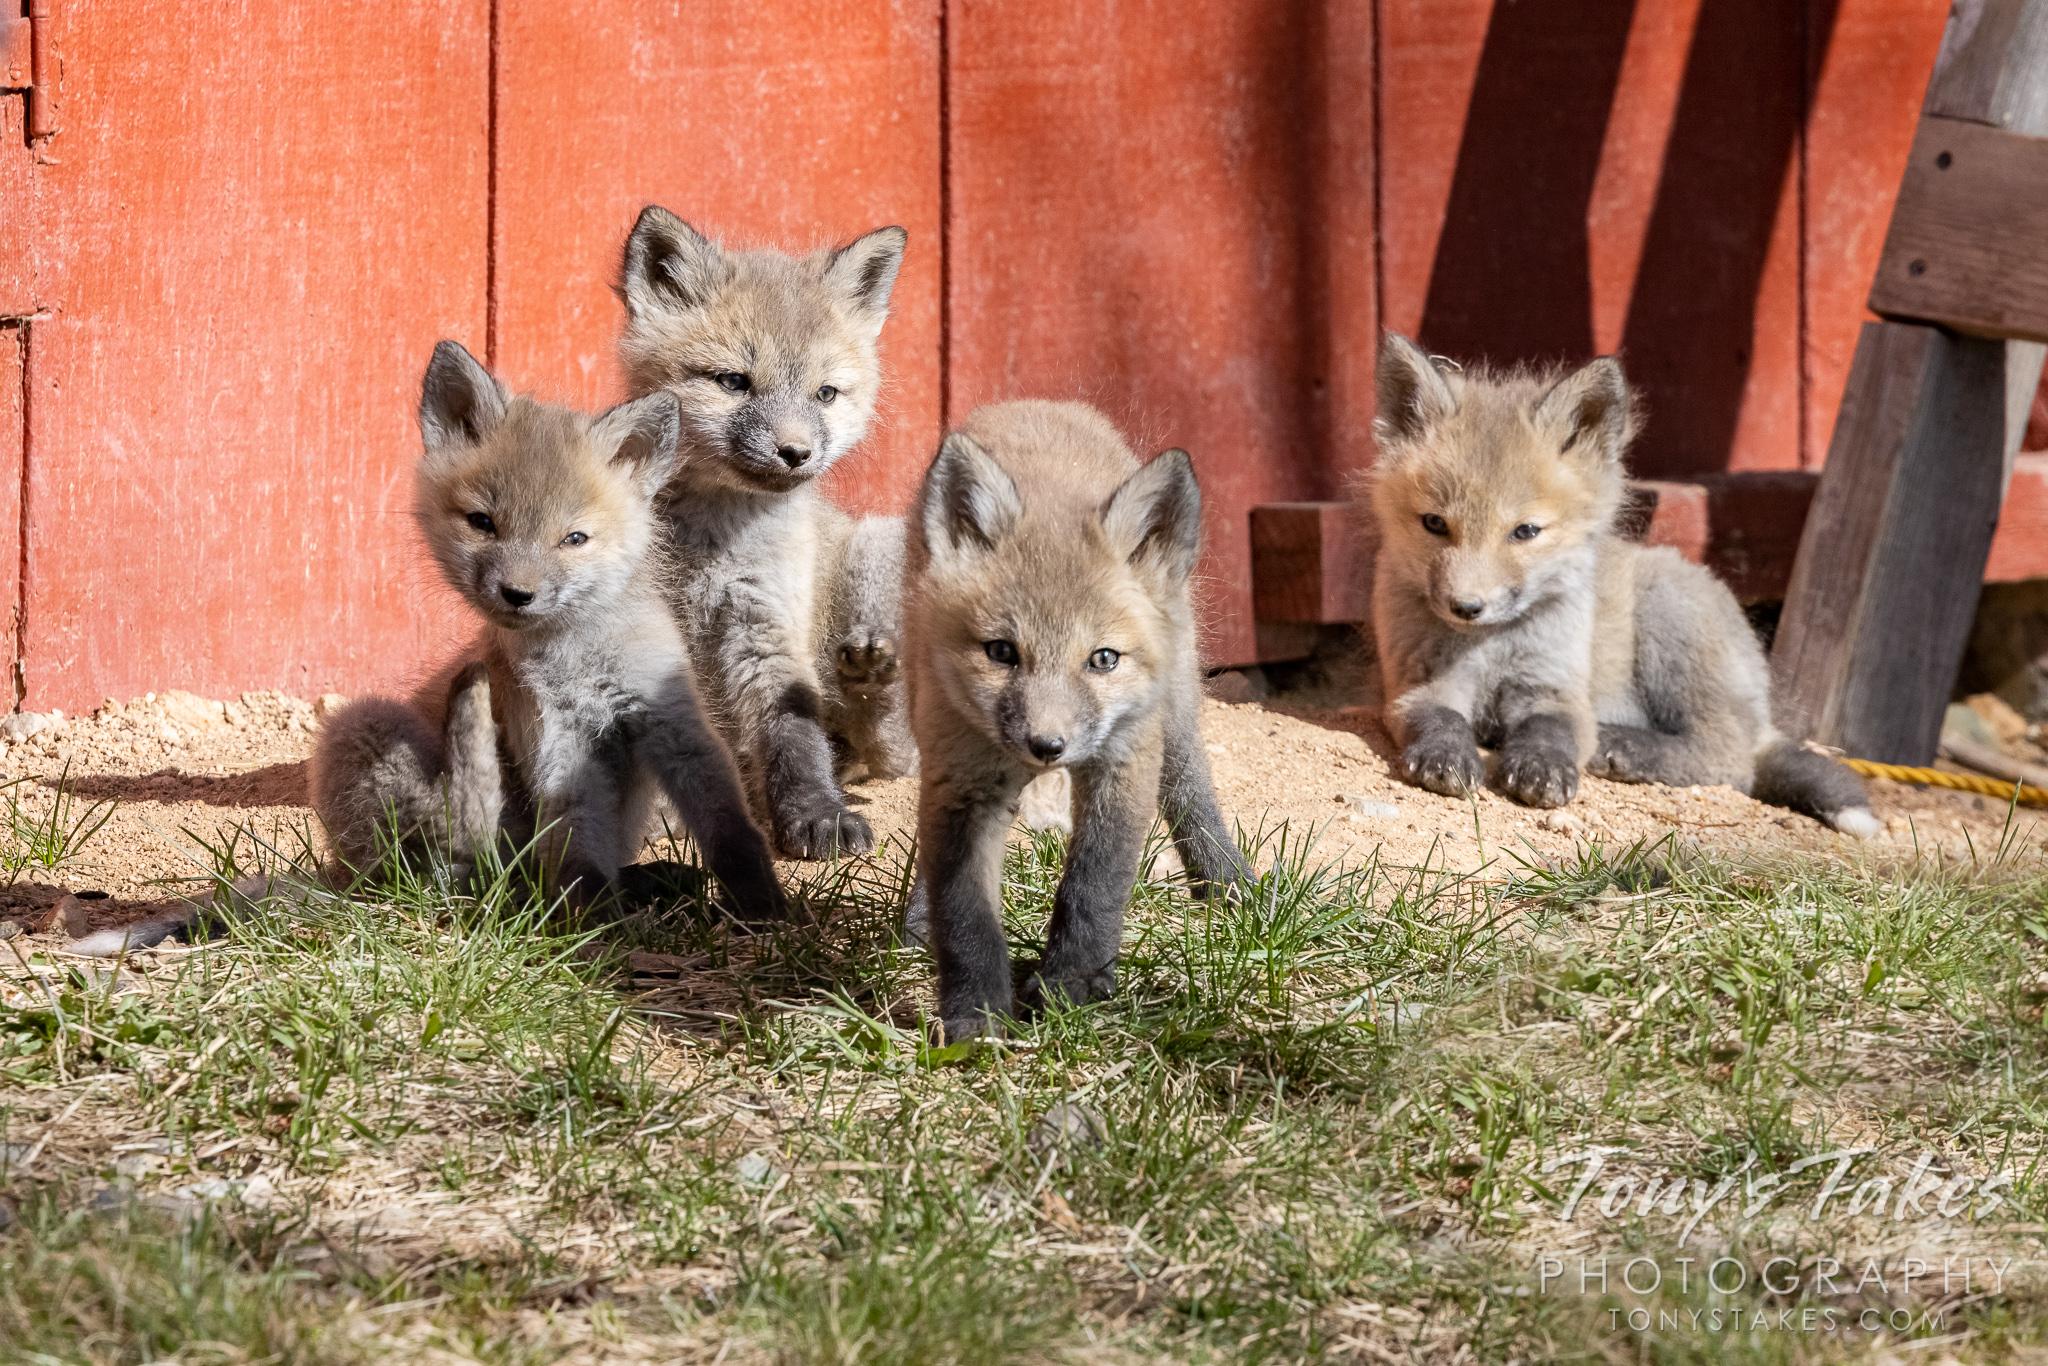 Fox kits make up a quartet of cuteness